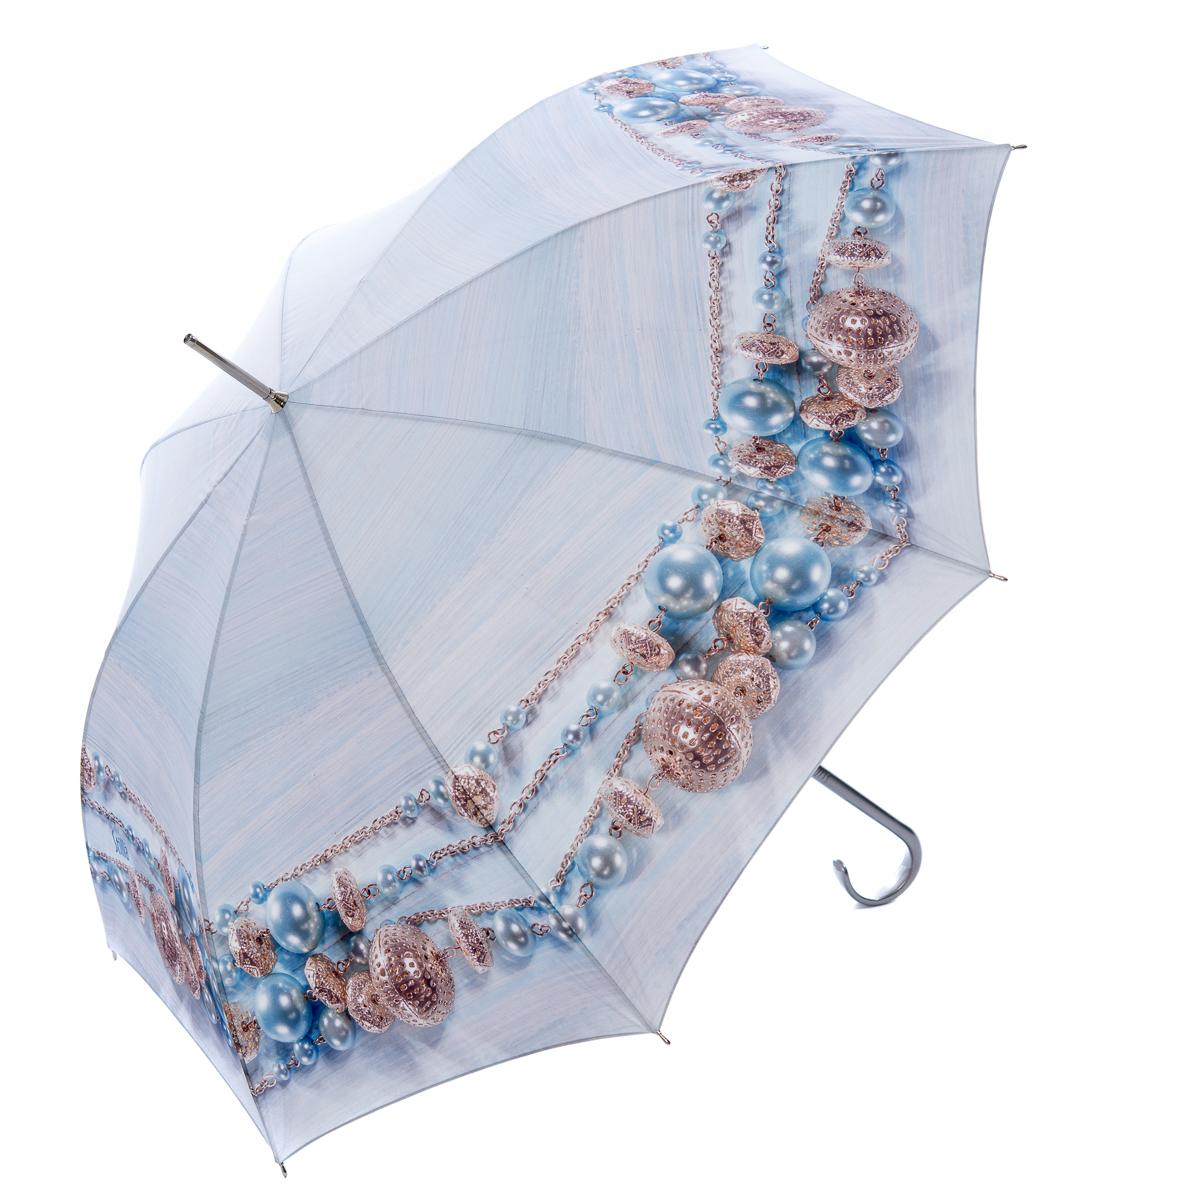 Зонт-трость женский Stilla, цвет: голубой. 740/1 autoCX1516-50-10Зонт-трость Stilla надежно защитит вас от дождя. Купол, оформленный оригинальным принтом, выполнен из высококачественного ПВХ, который не пропускает воду.Каркас зонта и спицы выполнены из высококарбонистой стали. Зонт имеет автоматический тип сложения: открывается и закрывается при нажатии на кнопку. Удобная ручка выполнена из пластика.